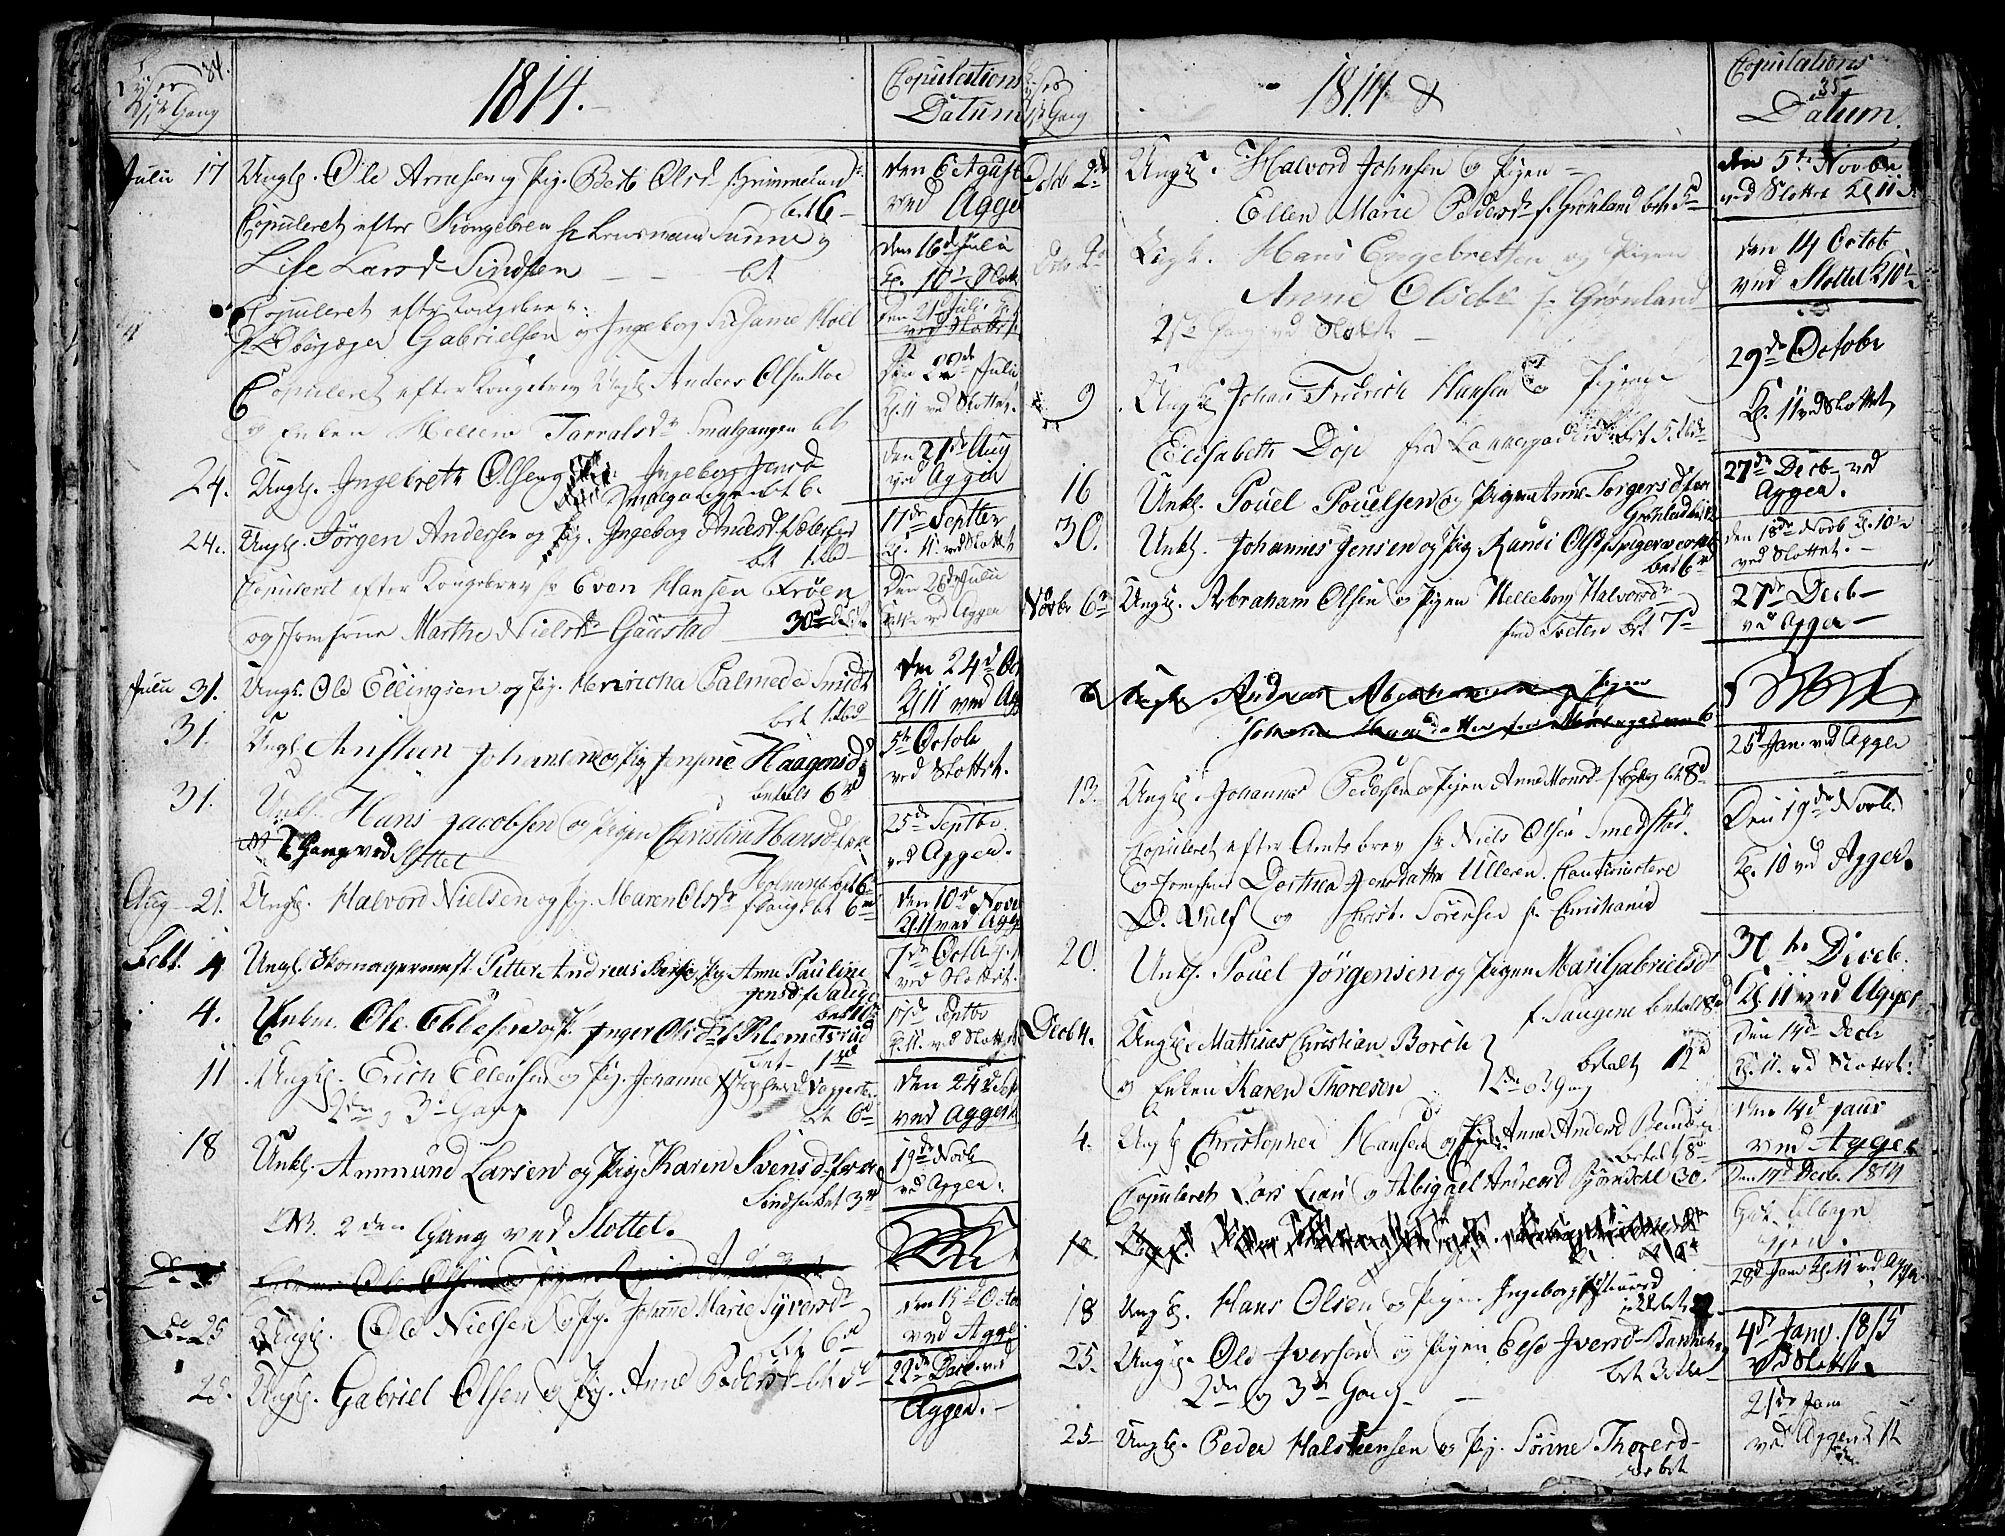 SAO, Aker prestekontor kirkebøker, G/L0001: Klokkerbok nr. 1, 1796-1826, s. 34-35